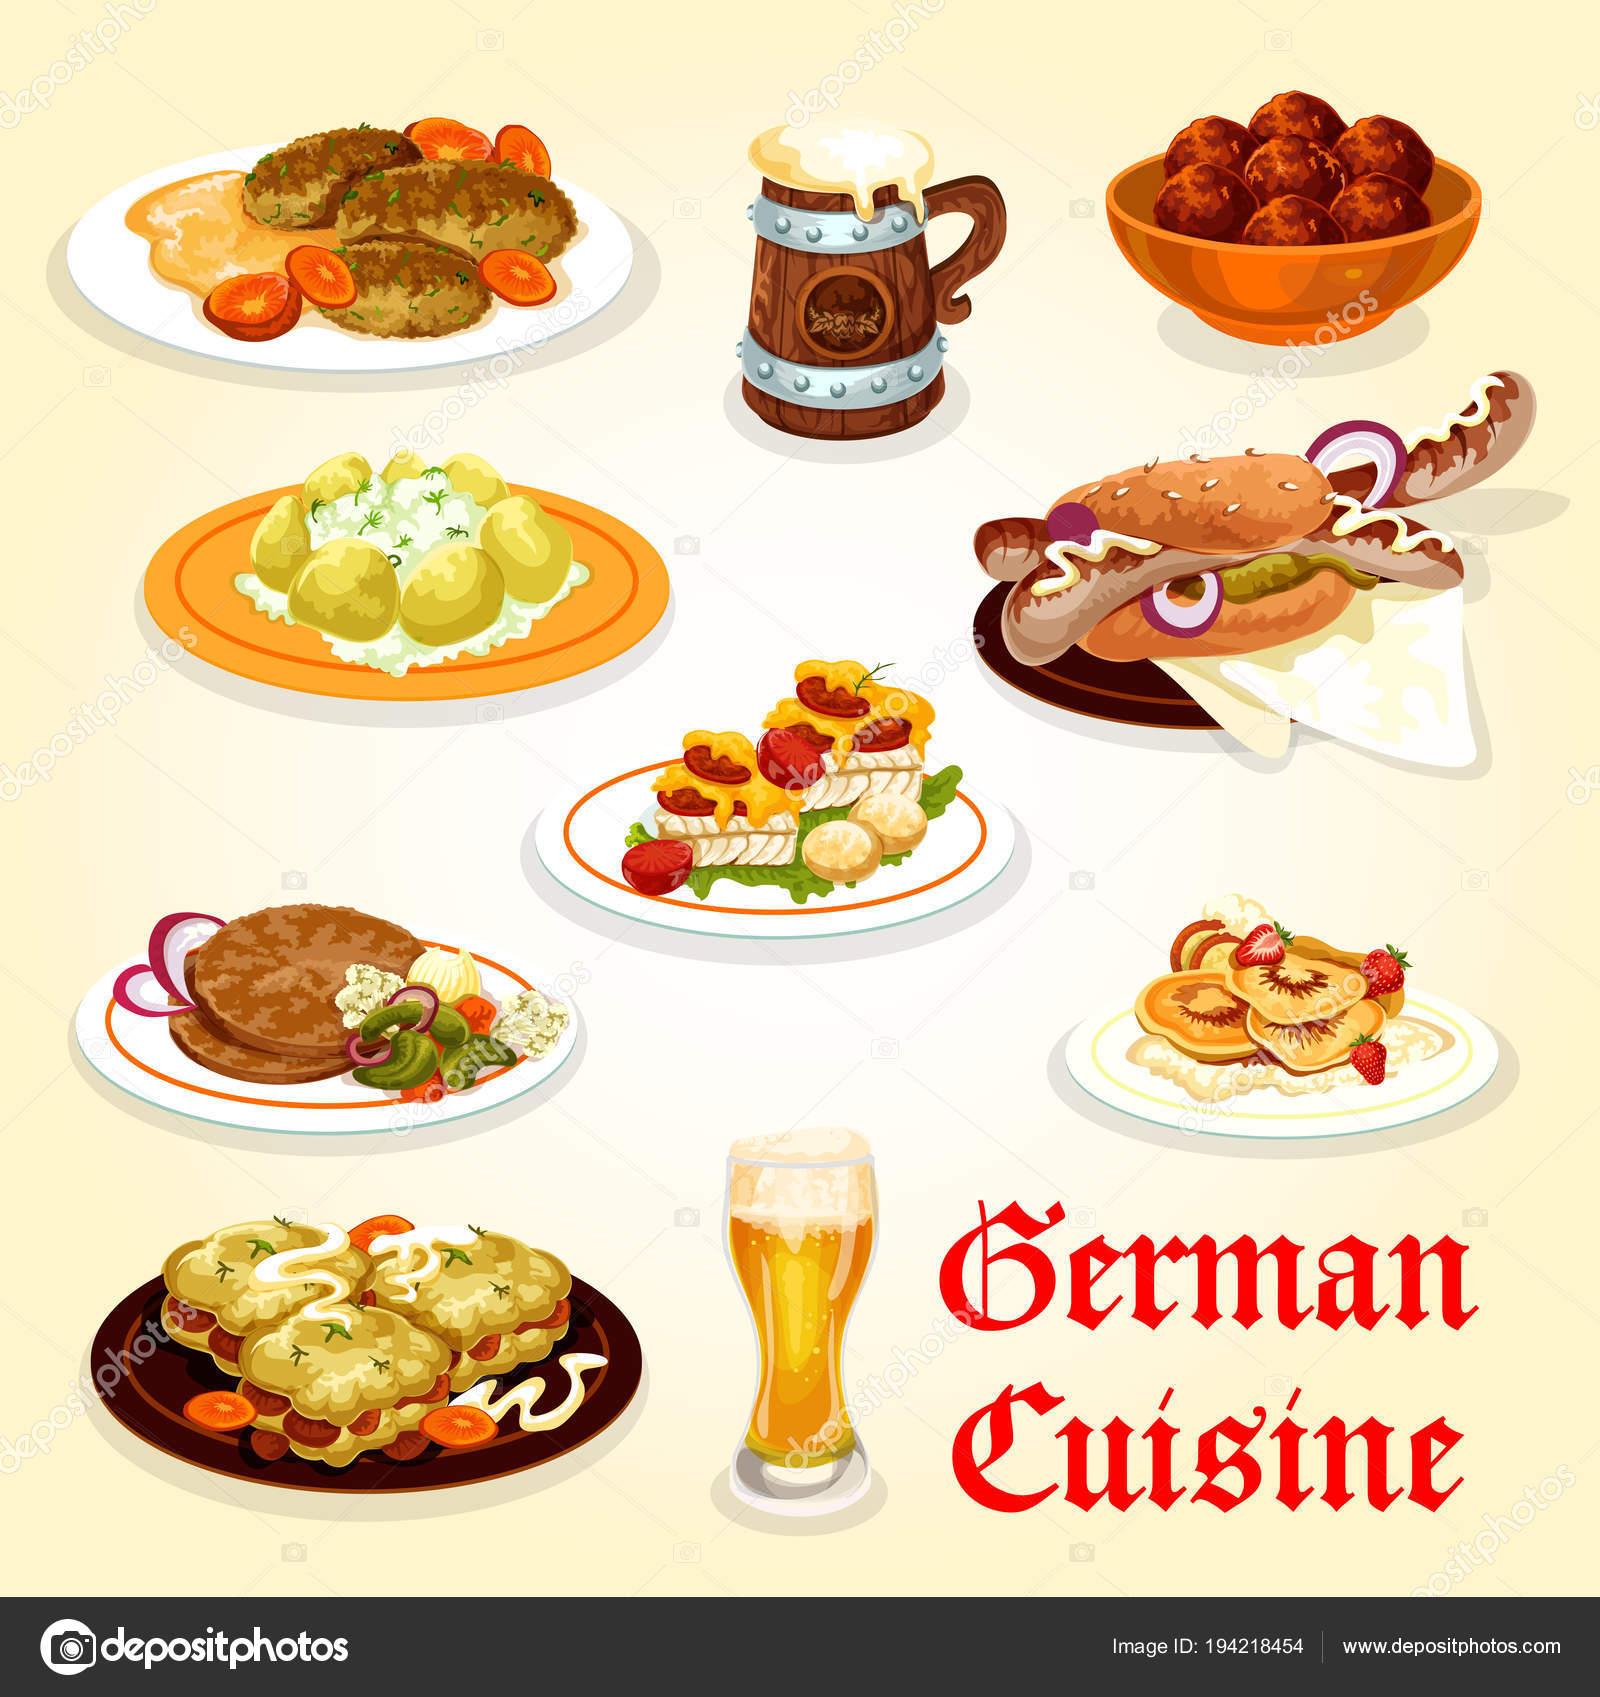 Icono de la cocina alemana de diseño del menú Oktoberfest — Archivo ...